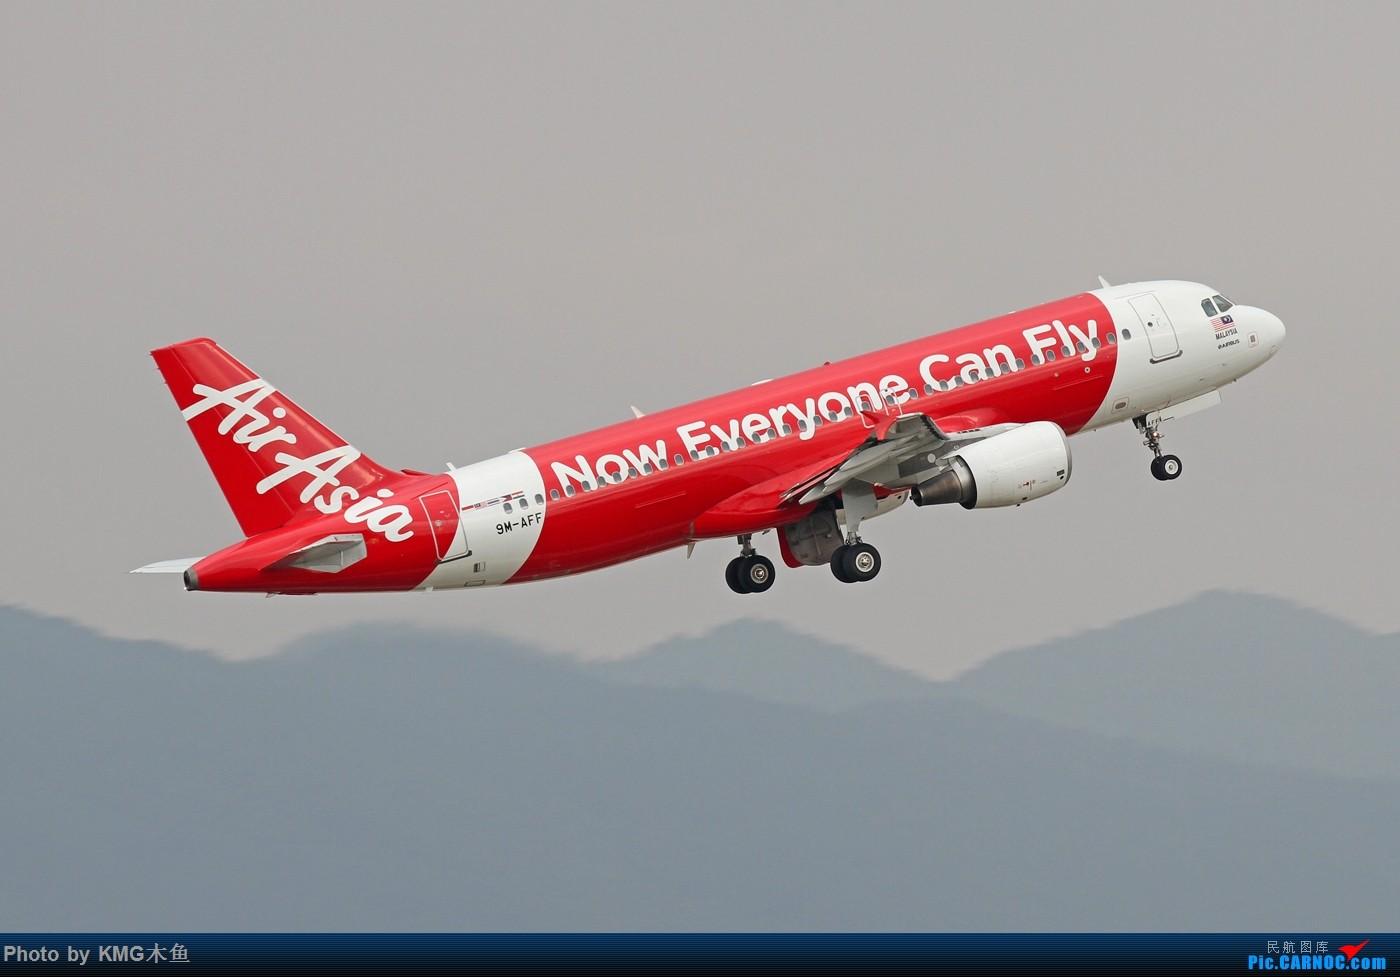 [原创]【KMG】【昆明长水国际机场】8月天空不美,但是飞机很美 AIRBUS A320-200 9M-AFF 中国昆明长水国际机场